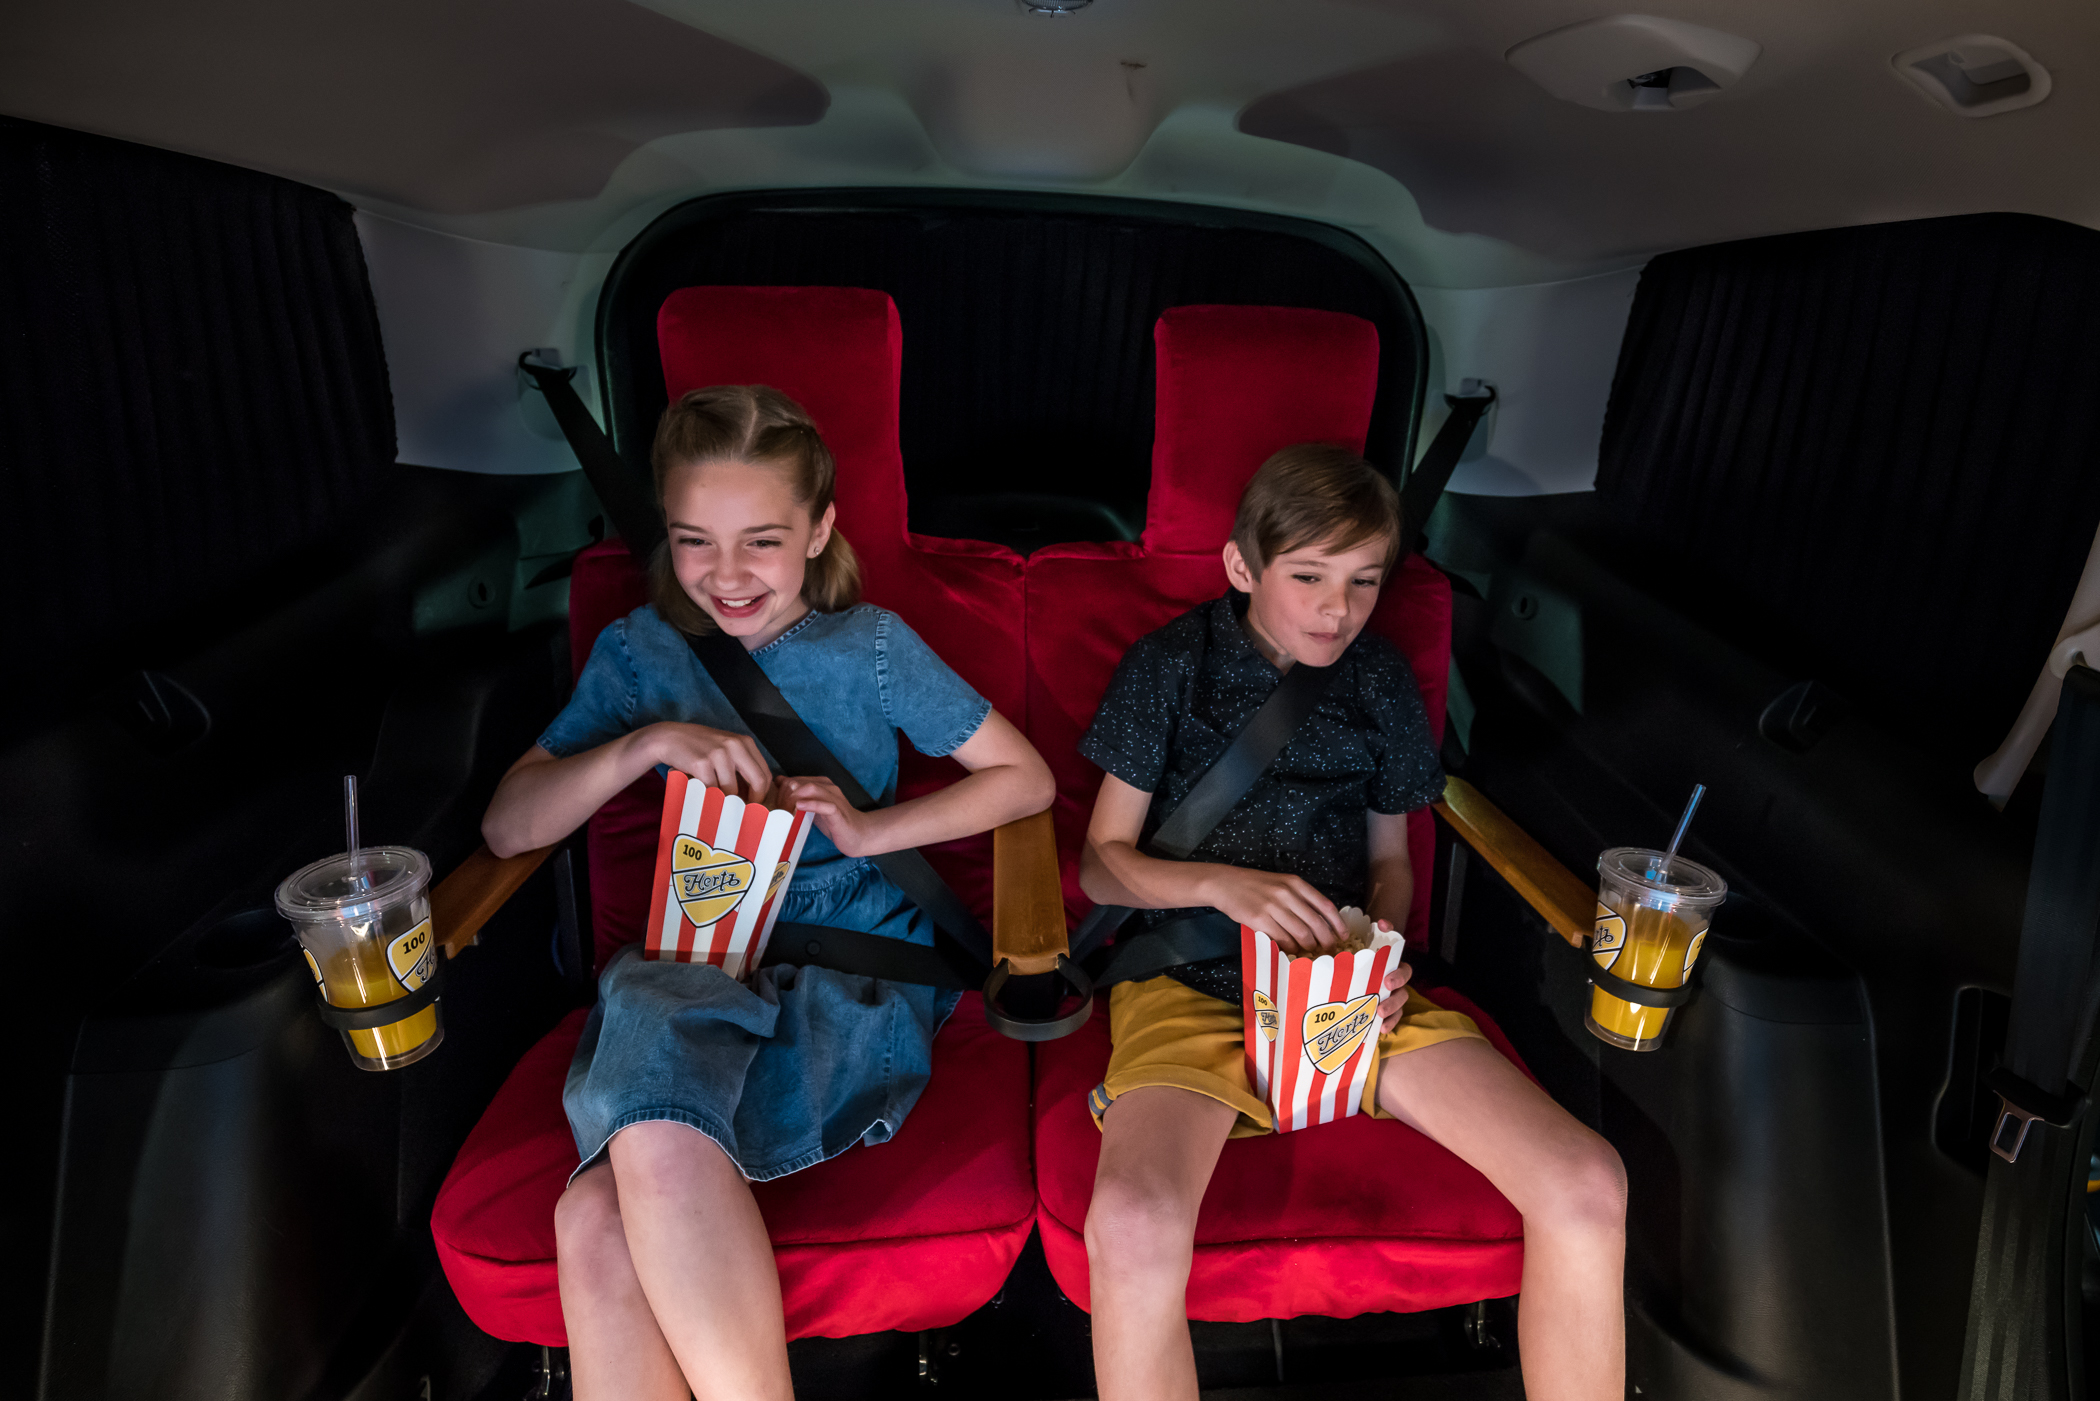 hertz cinema car-01518.jpg